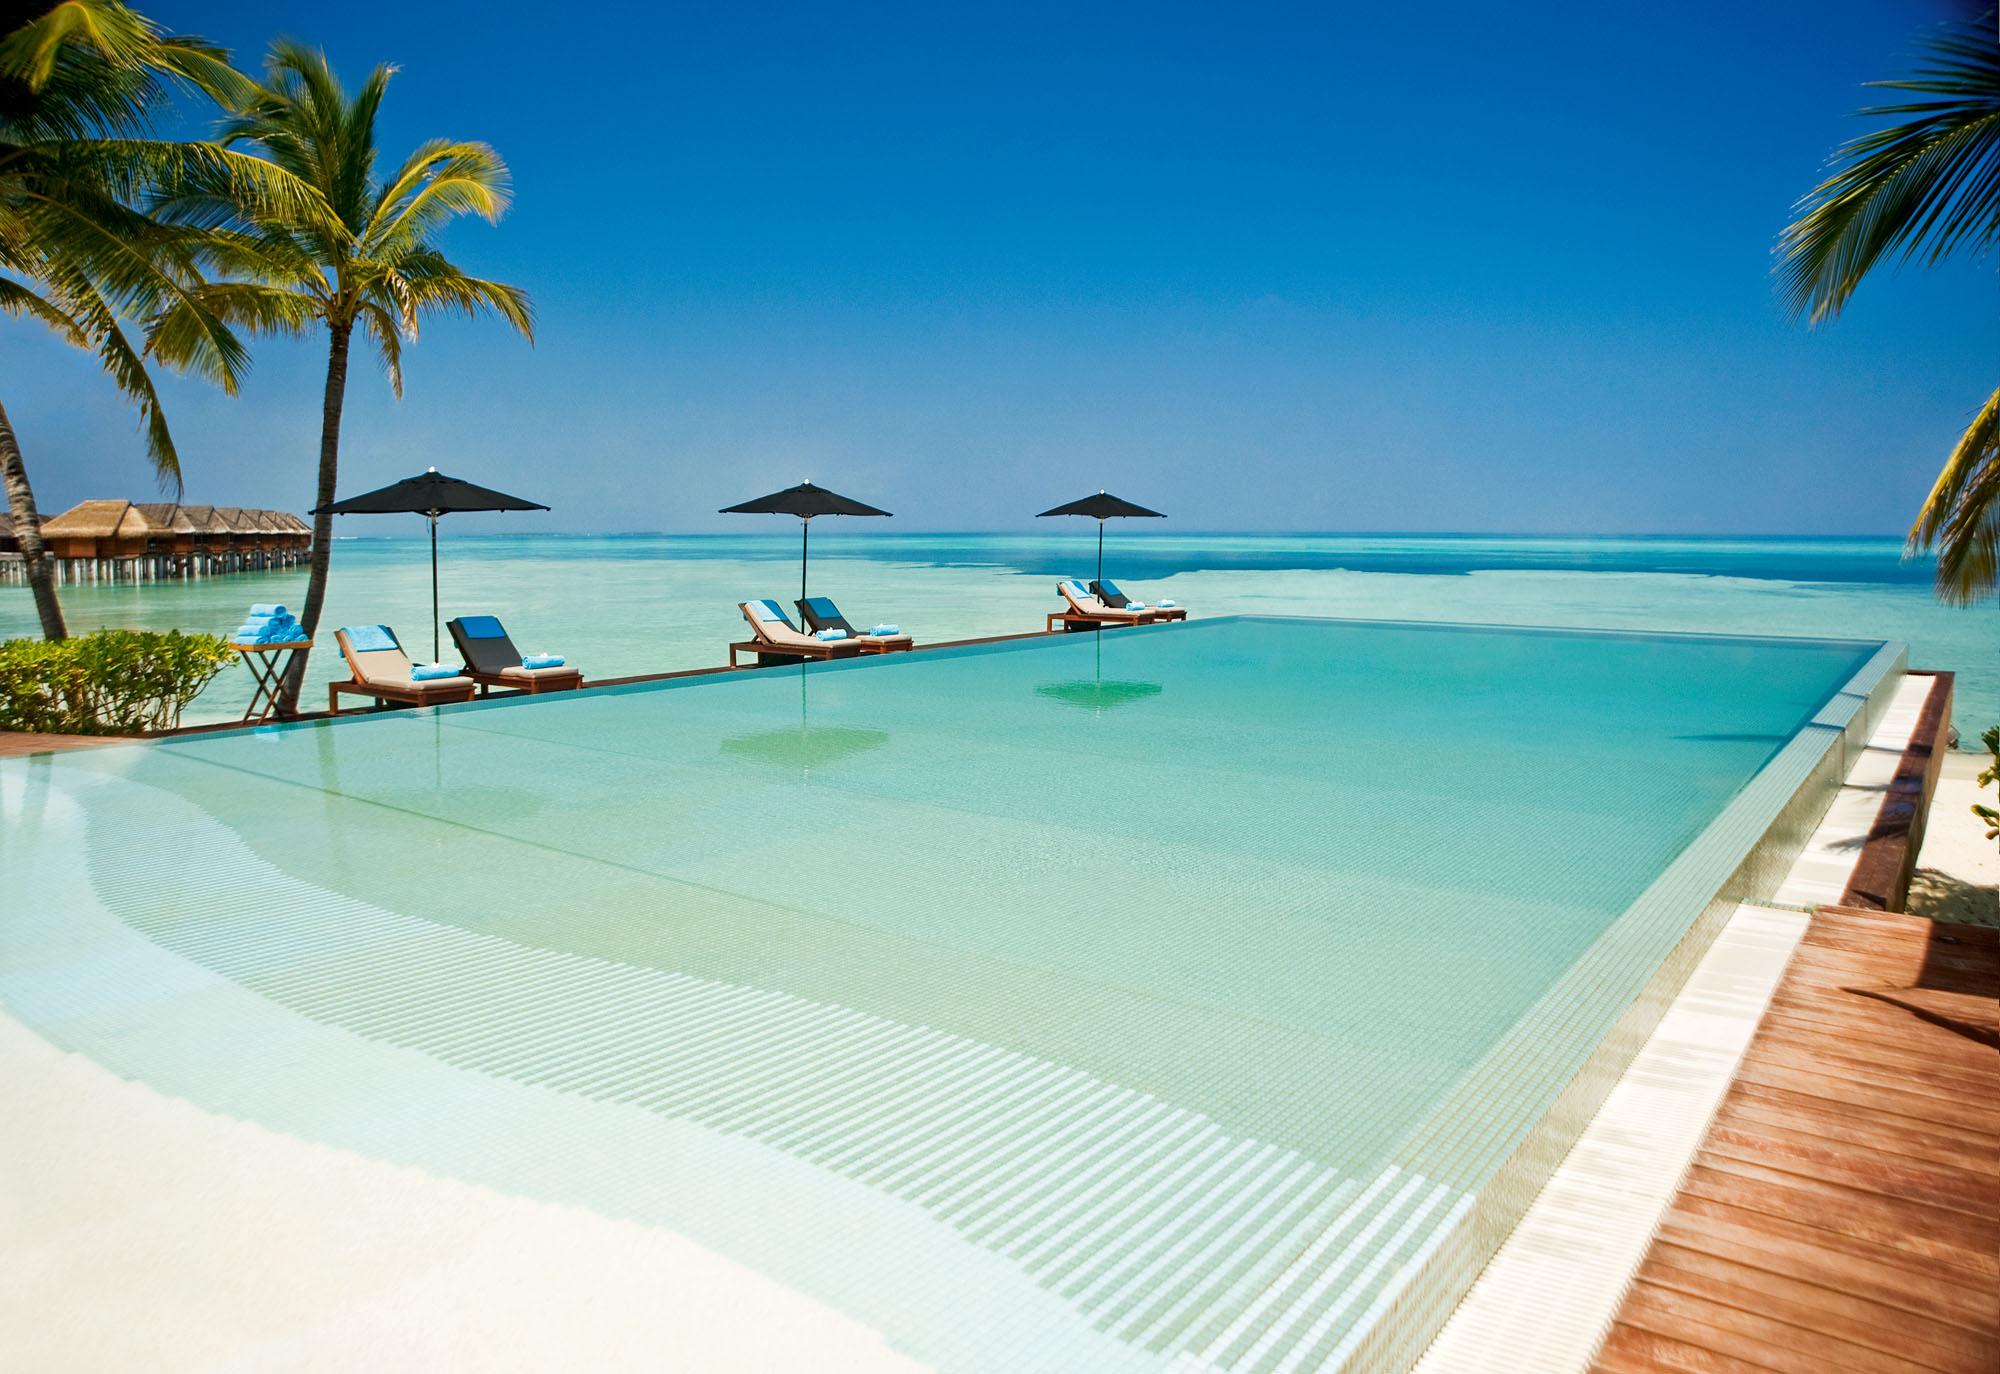 LUX-Maldives-20